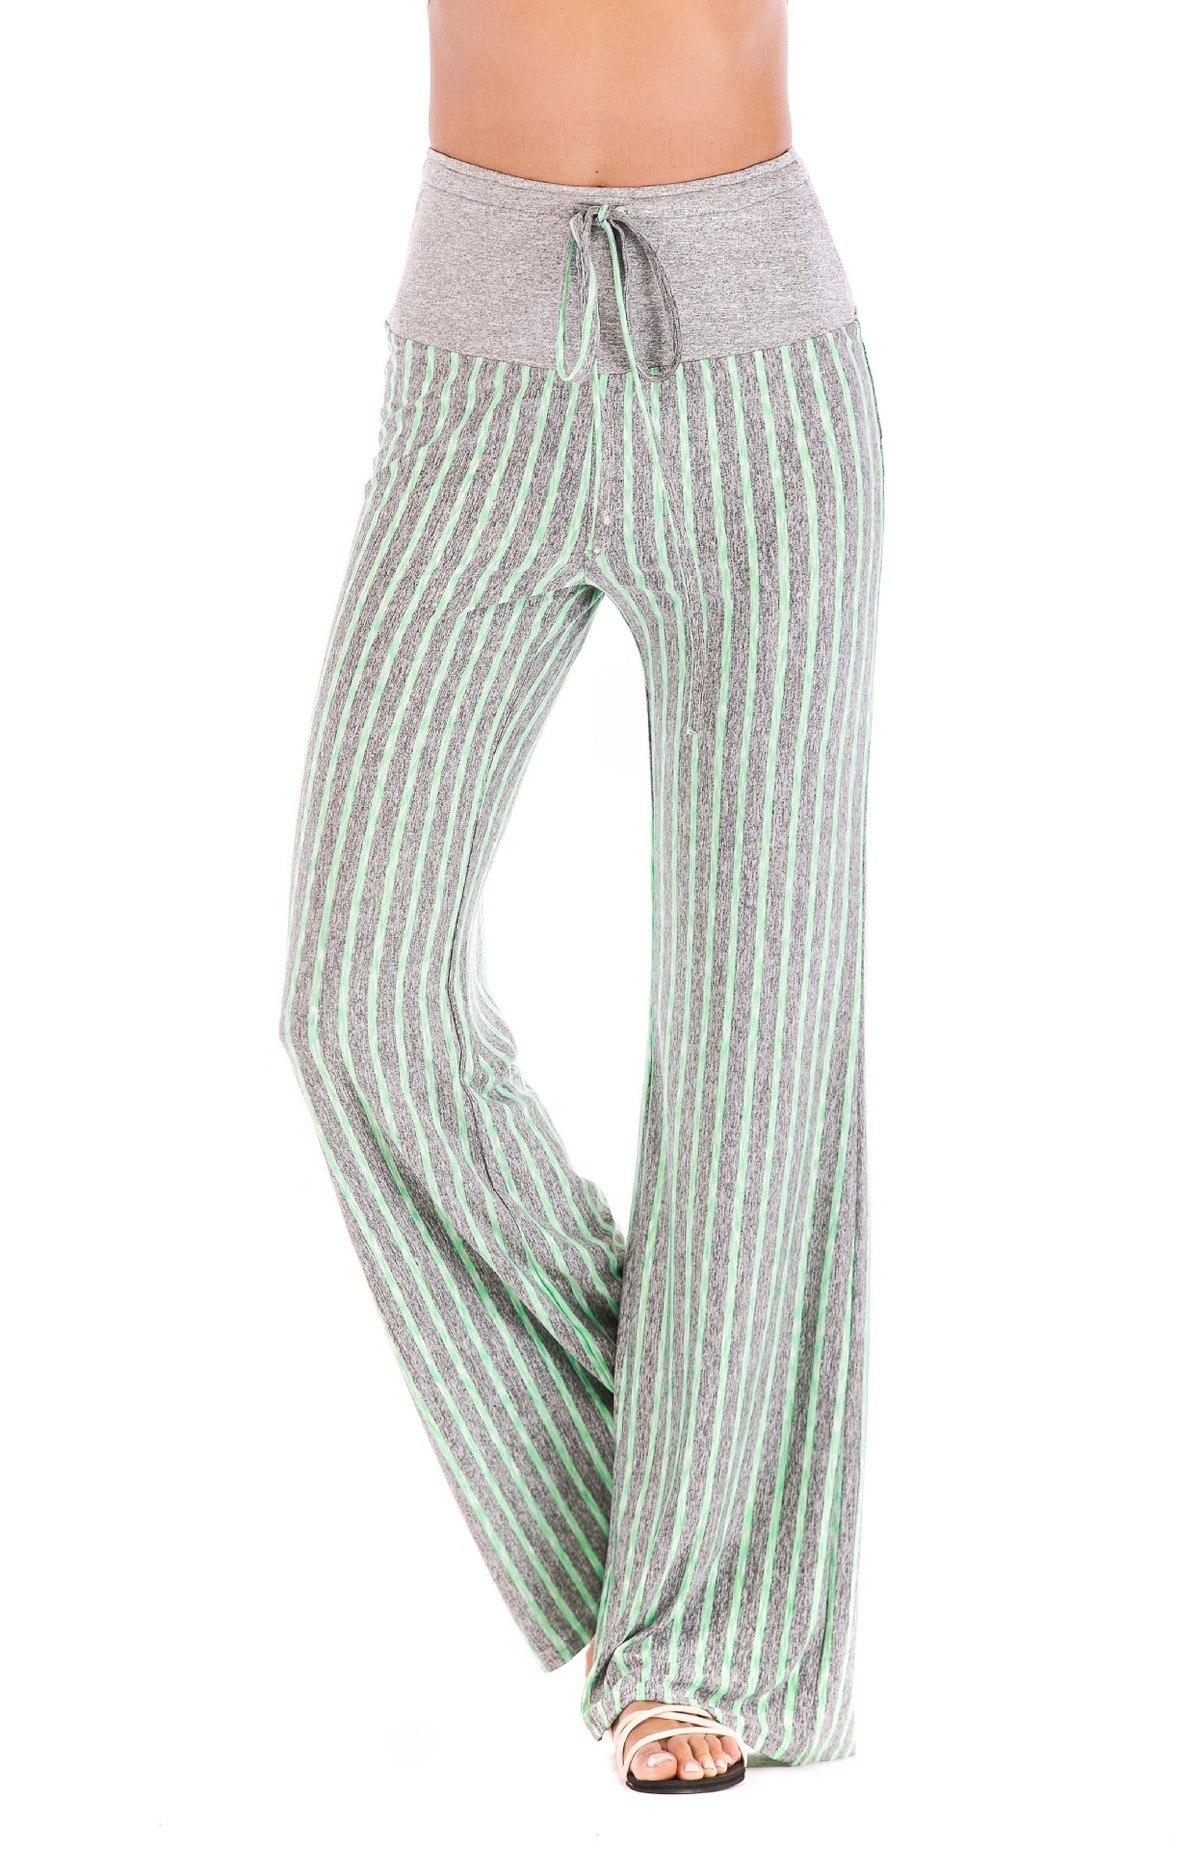 Pantalon de yoga ton bleu gris large style stripe tout en ligne évasé pour courir ou se détendre